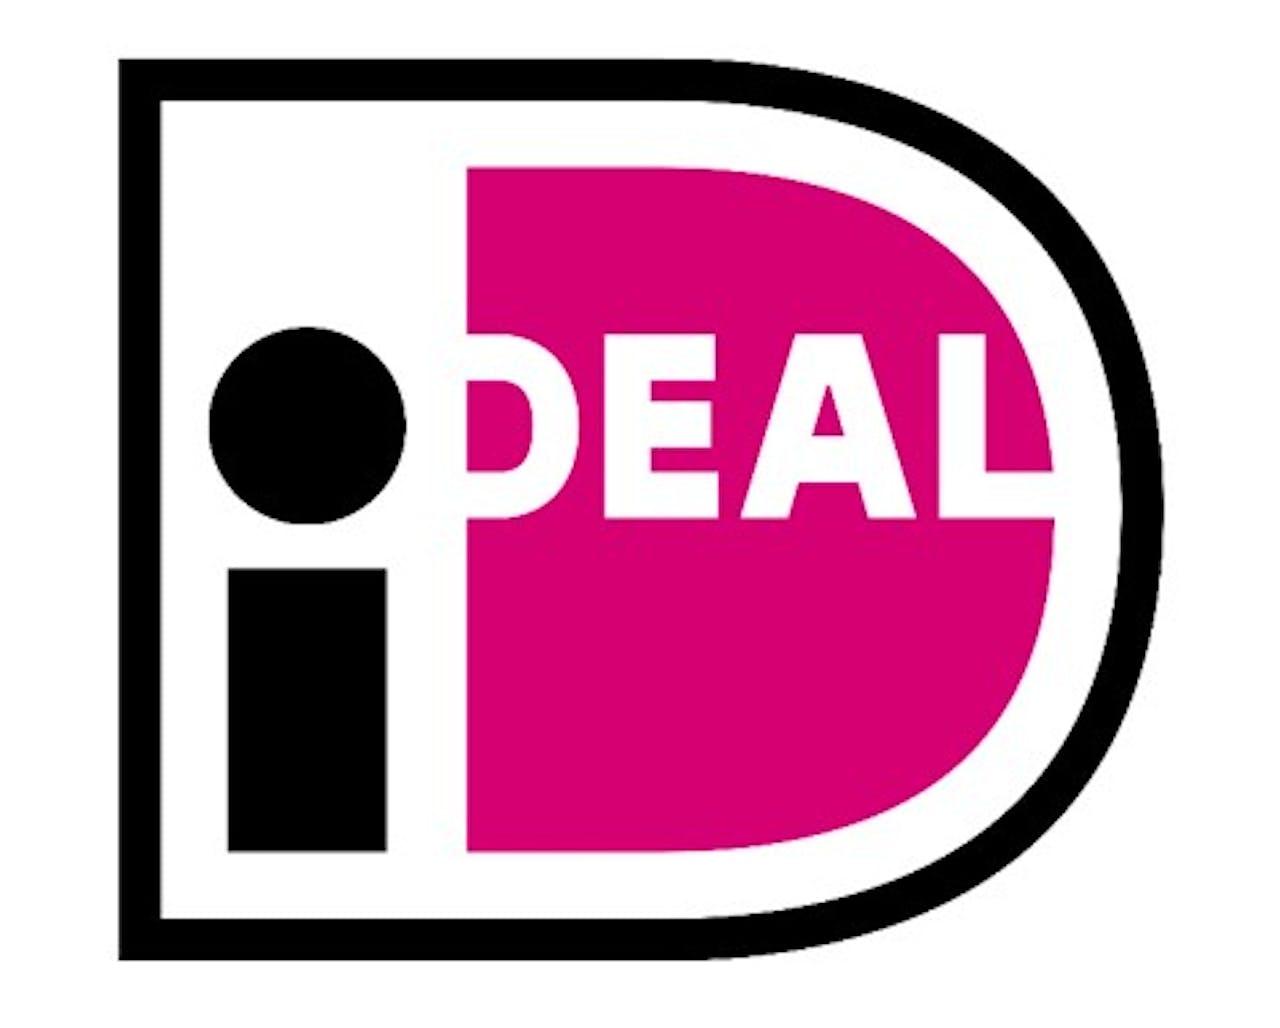 Thuiswinkel.org vraagt banken om concrete afspraken bij storingen iDEAL